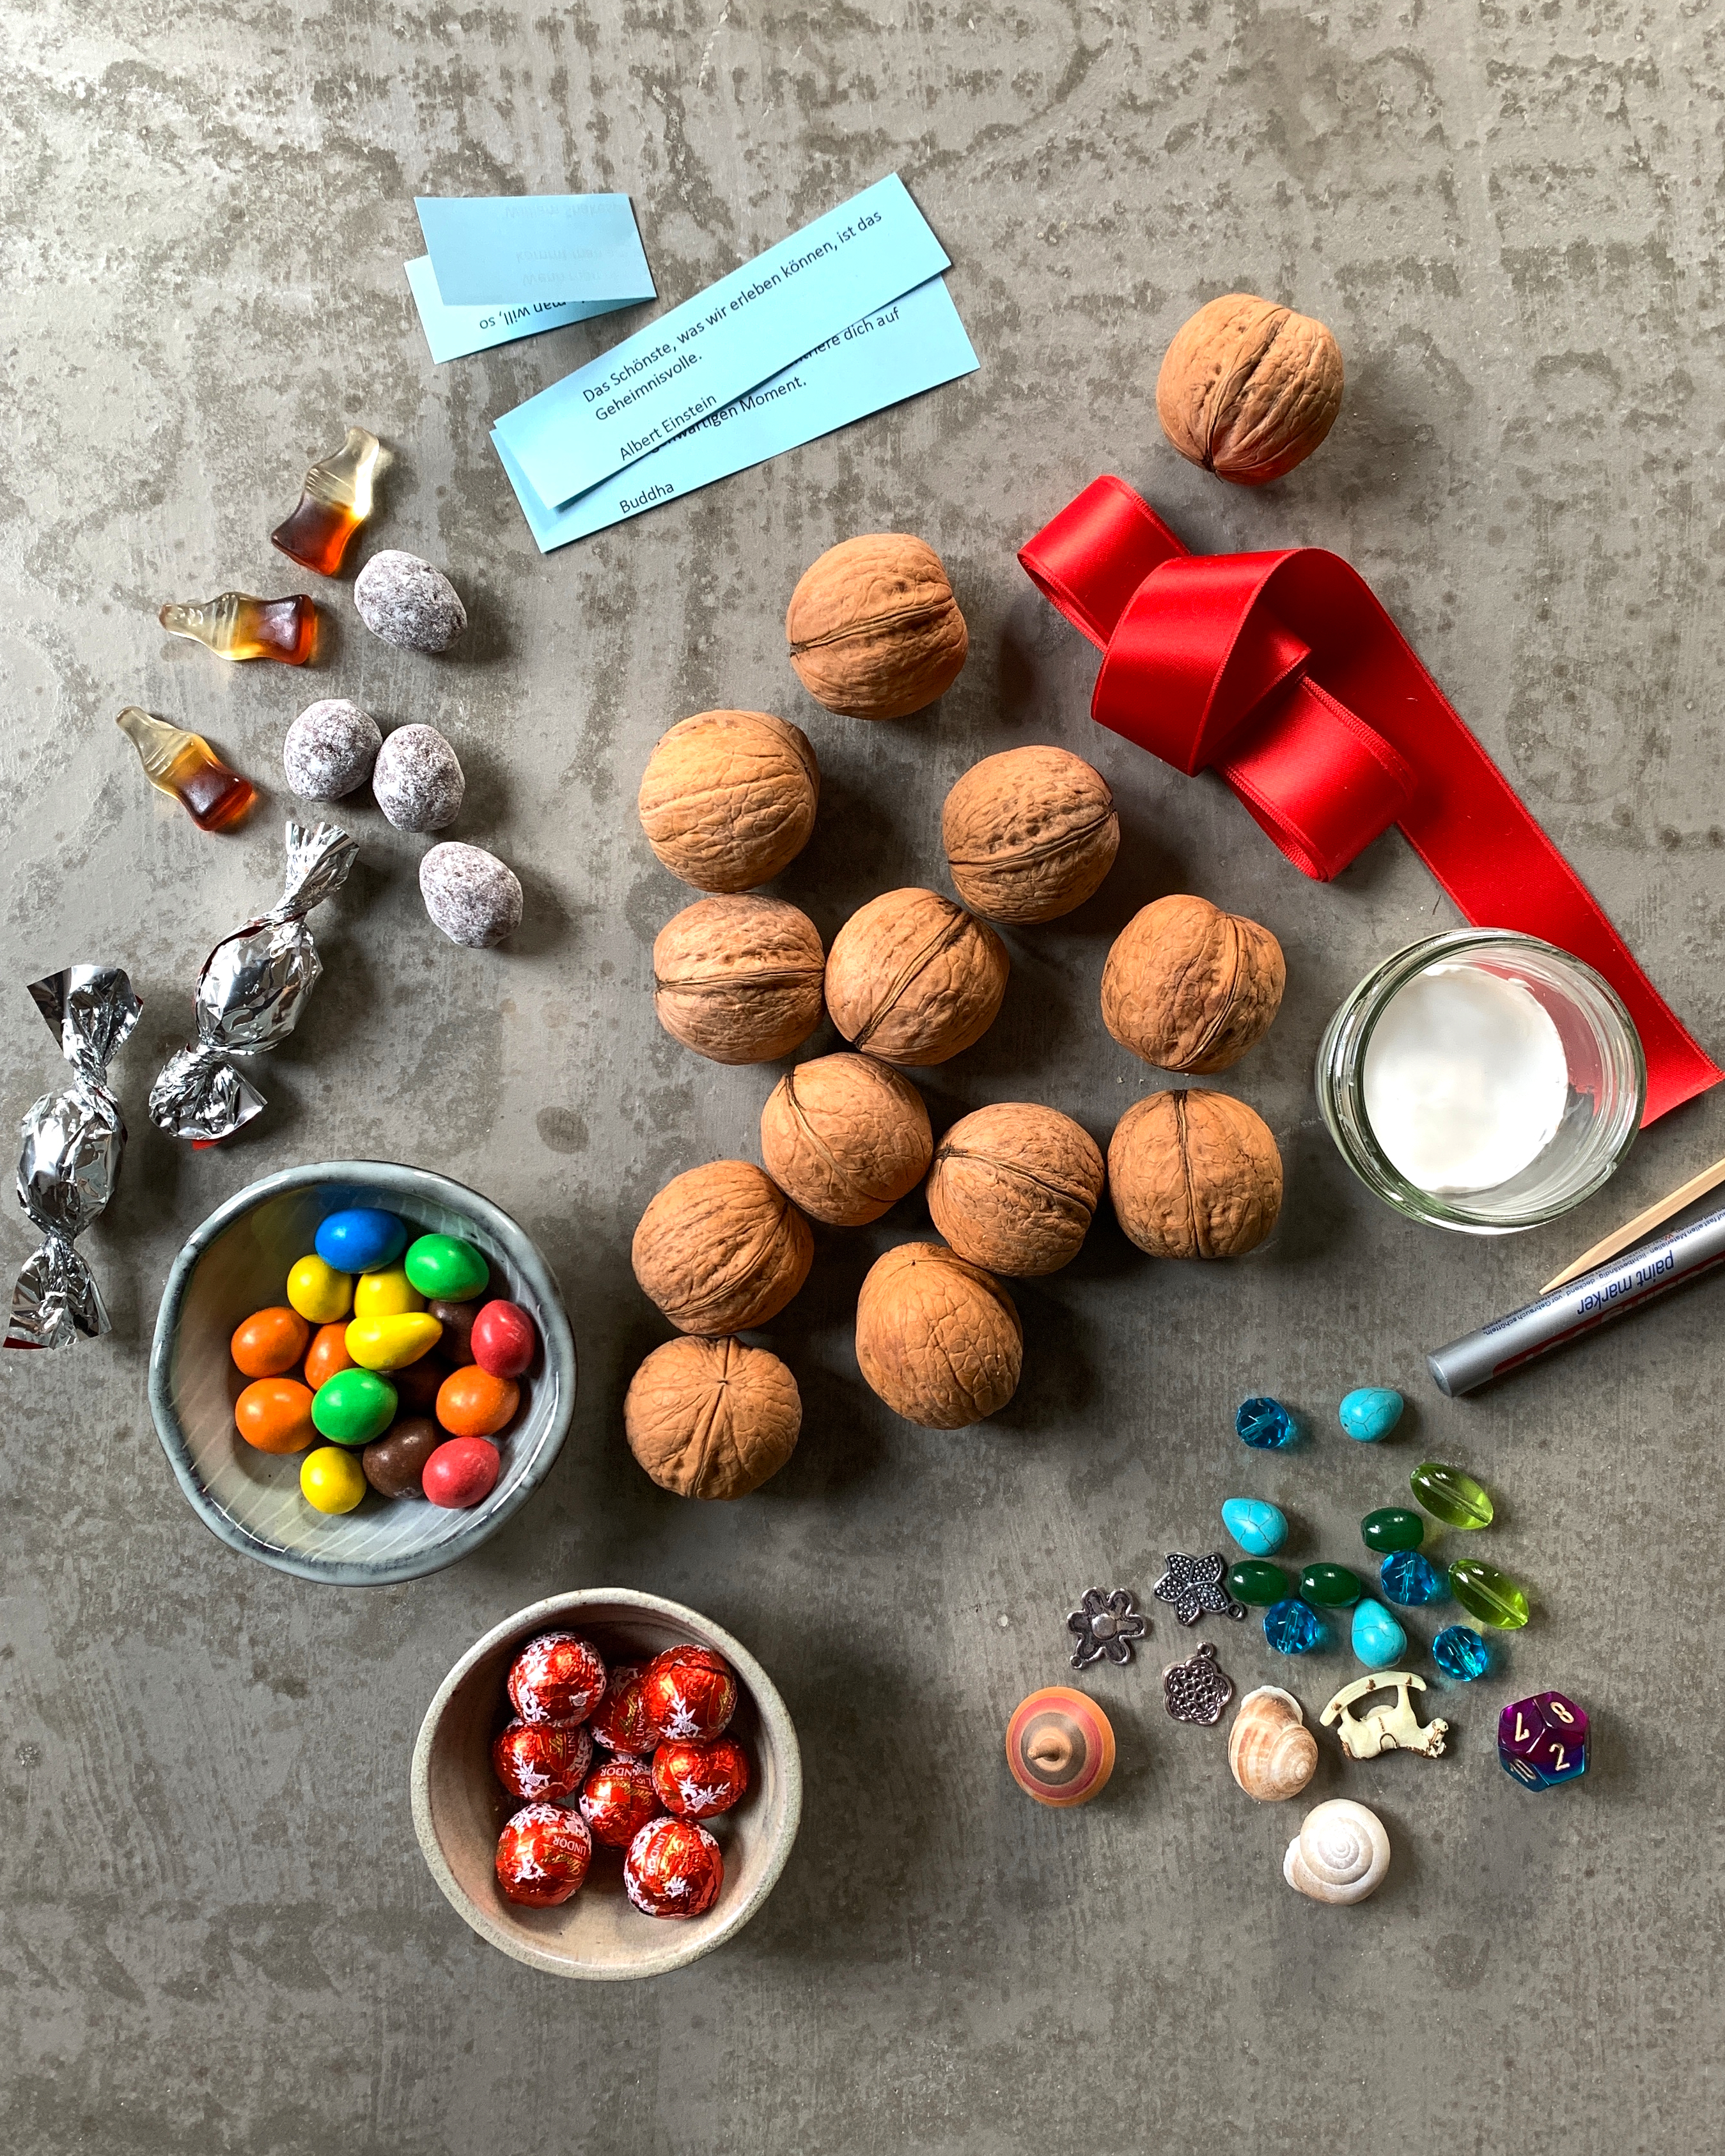 walnuss-adventskalender-nachhaltig-selbermachen-zutaten-inhalt-weihnachtsdeko